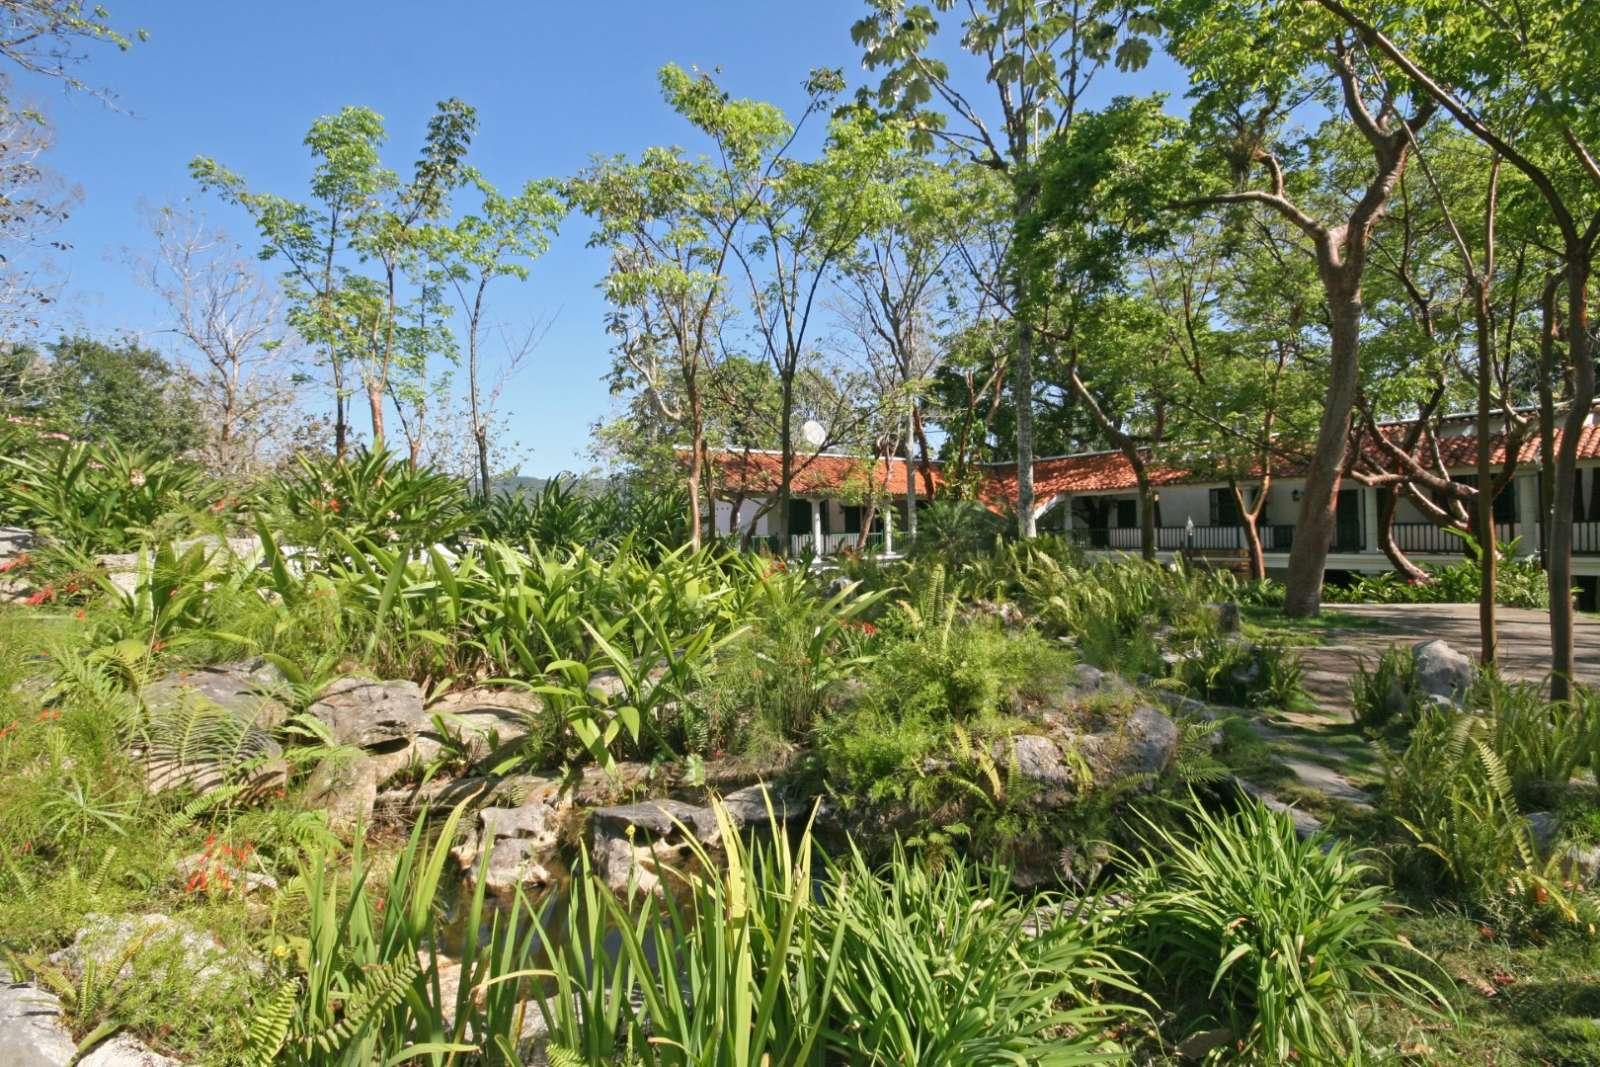 Rock garden at La Moka hotel in Las Terrazas, Cuba